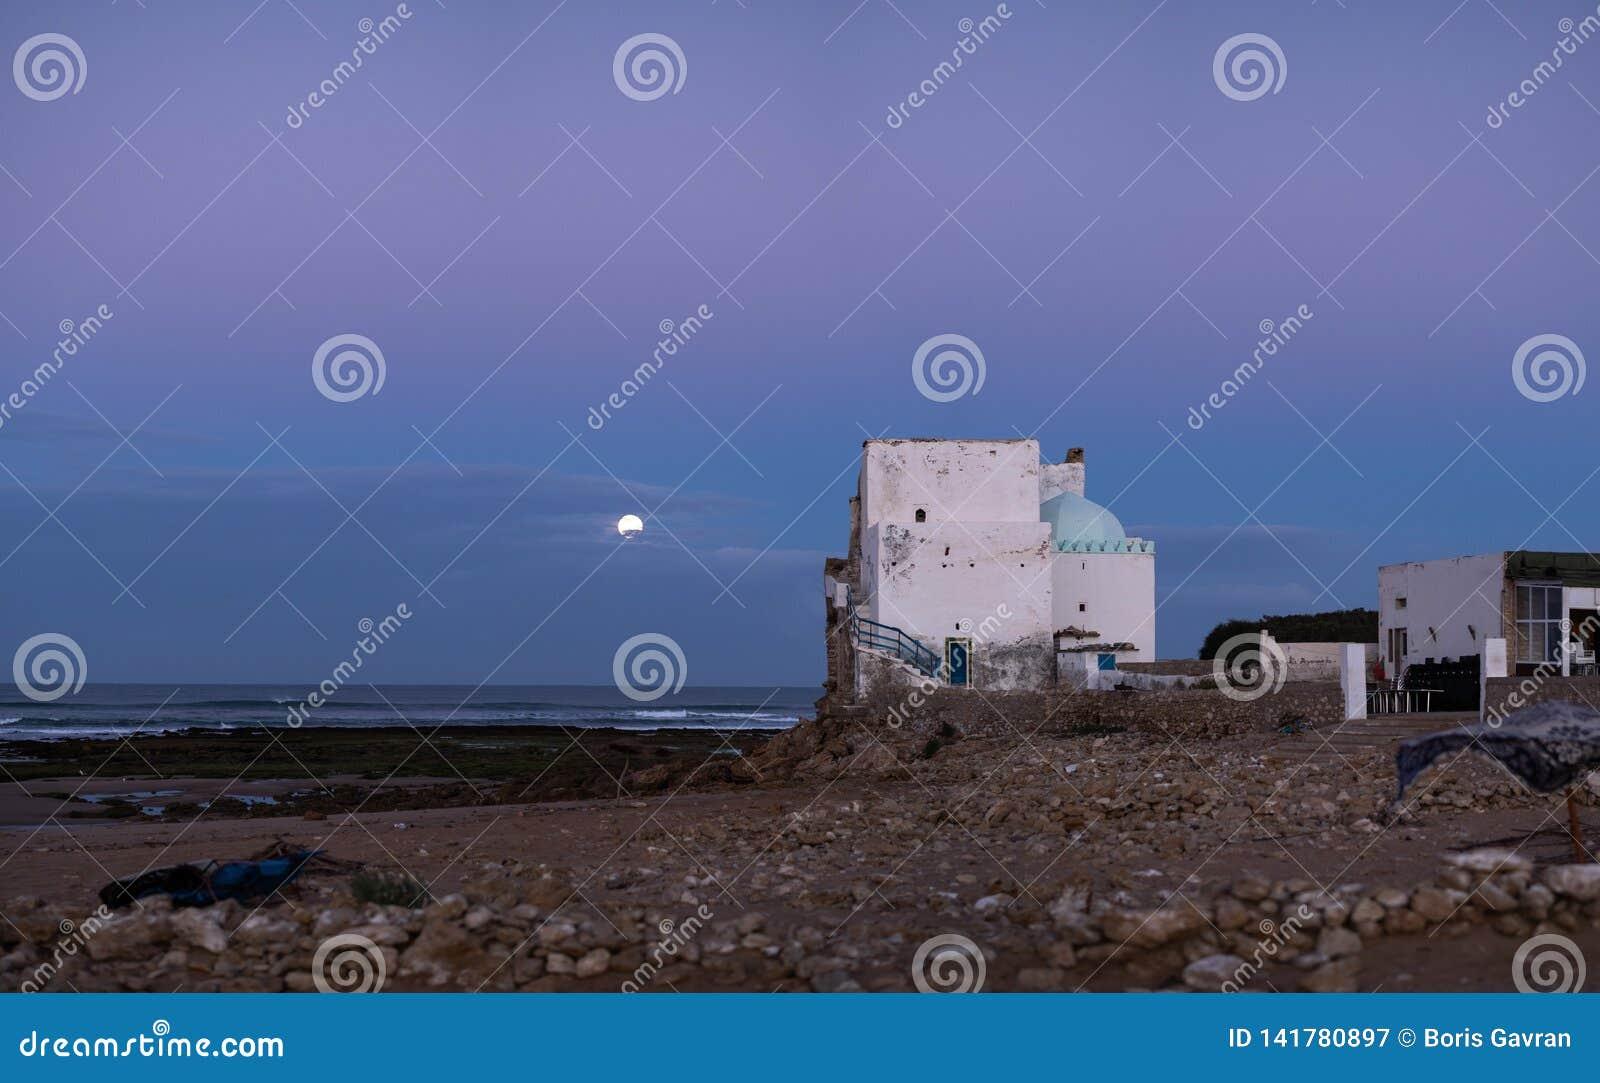 在德西迪Kaouki,摩洛哥,非洲海岸的老大厦  平衡许多的详细资料月亮照片显示天空 风险轻率冒险日落时间 摩洛哥的wonderfull海浪